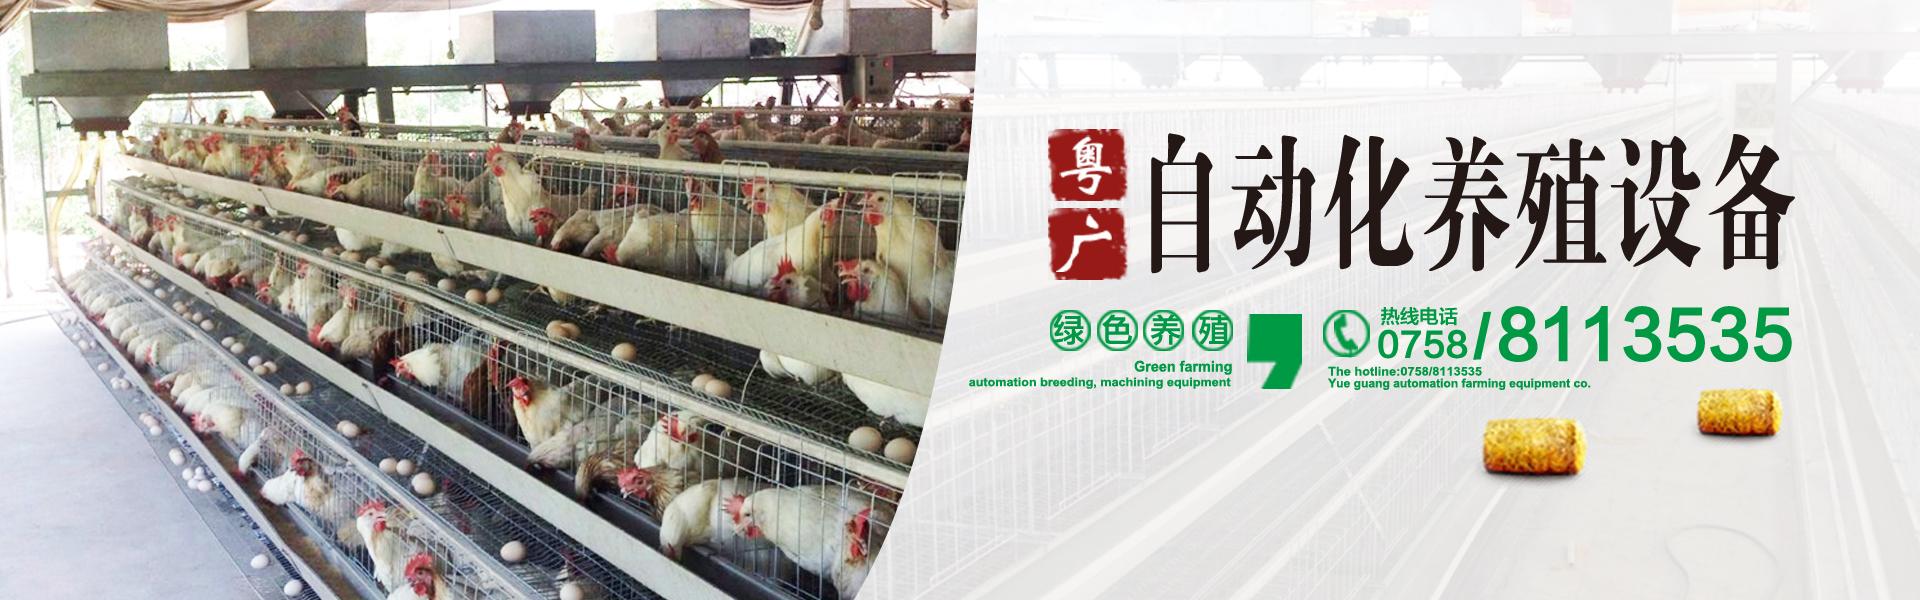 养鸡场设备 蛋鸡养殖设备